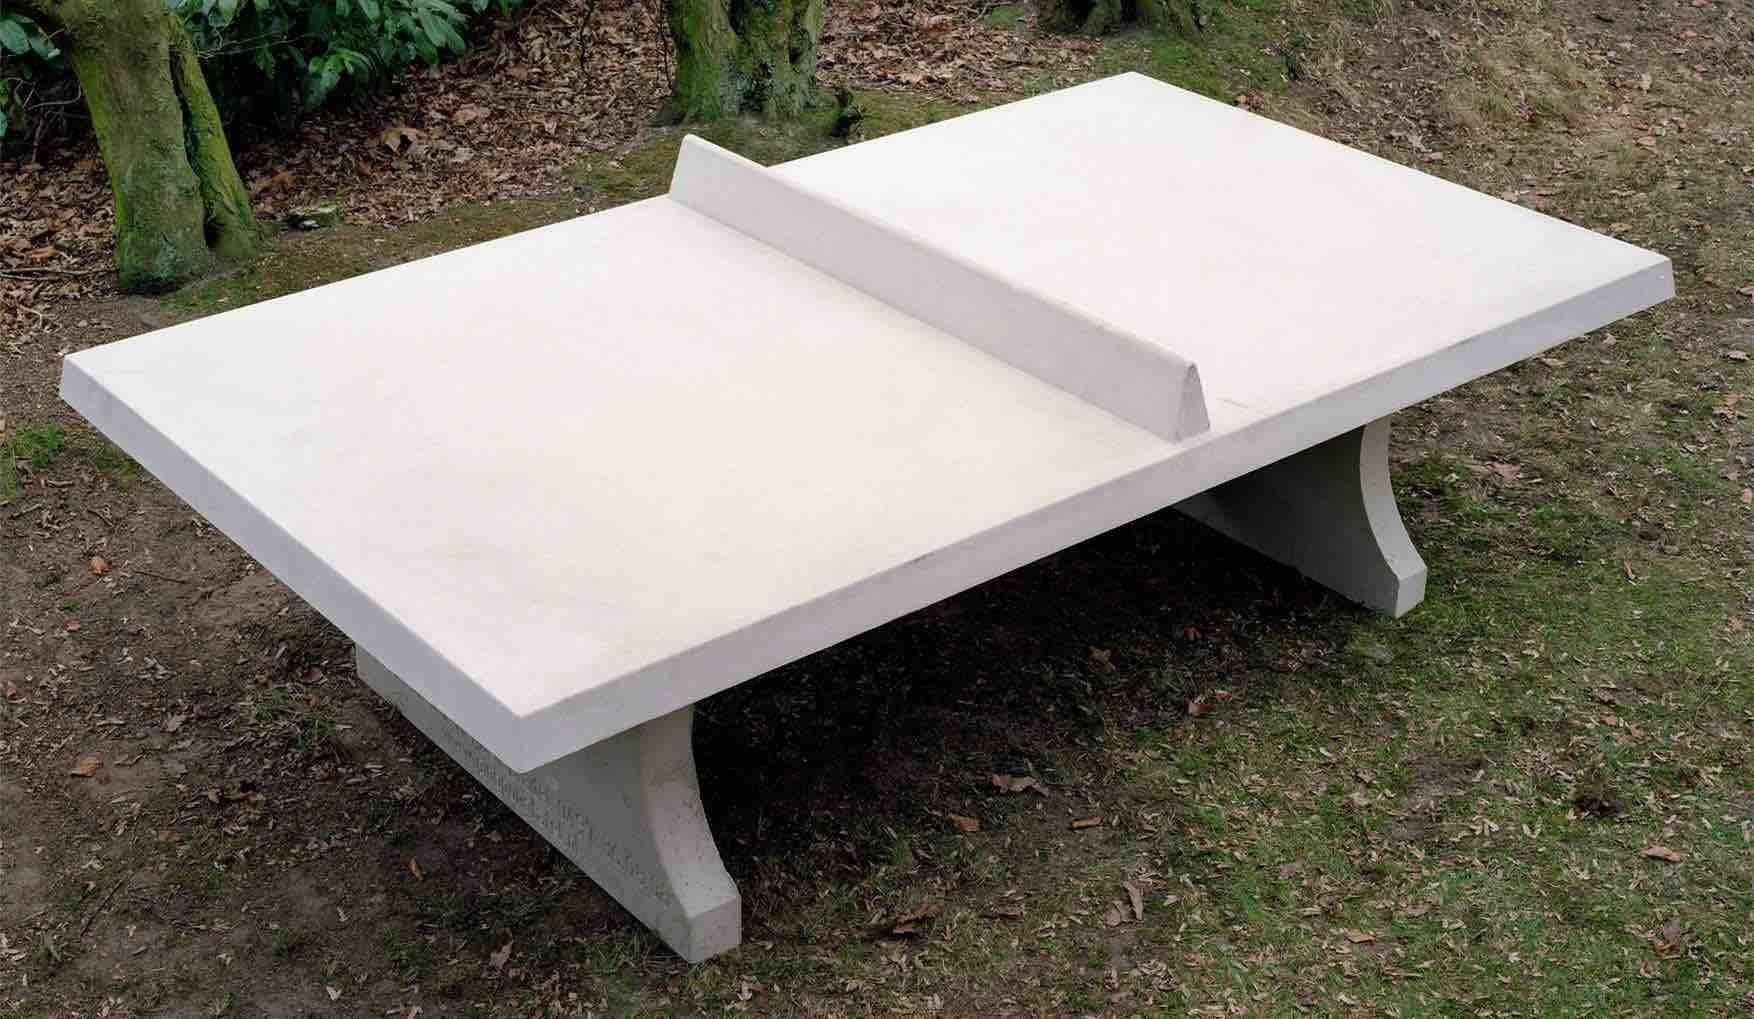 tischtennisplatte aus beton eckig outdoor kickerkult onlineshop. Black Bedroom Furniture Sets. Home Design Ideas